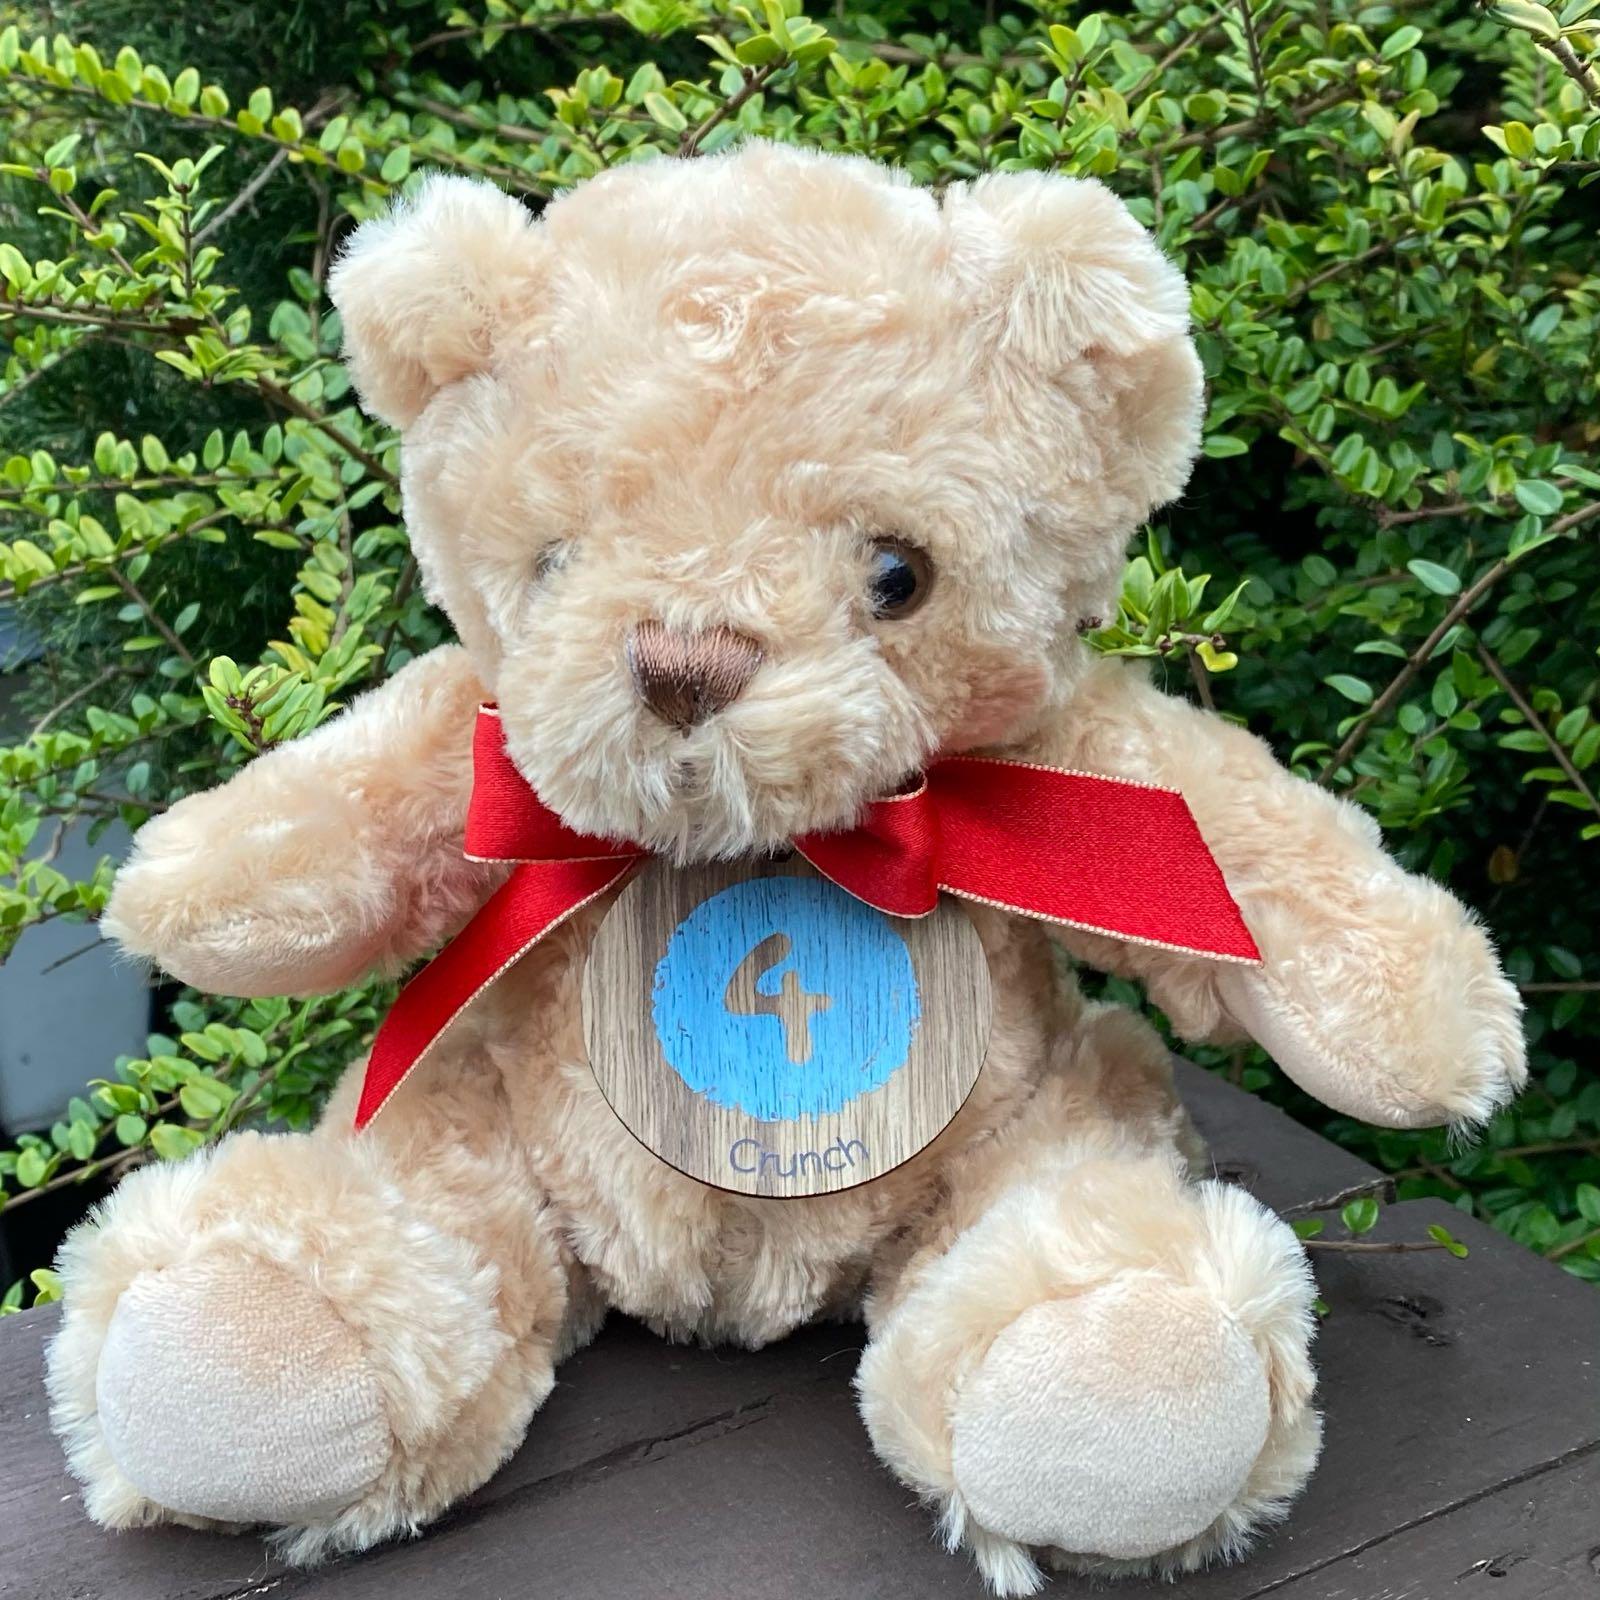 TEDDY CRUNCH